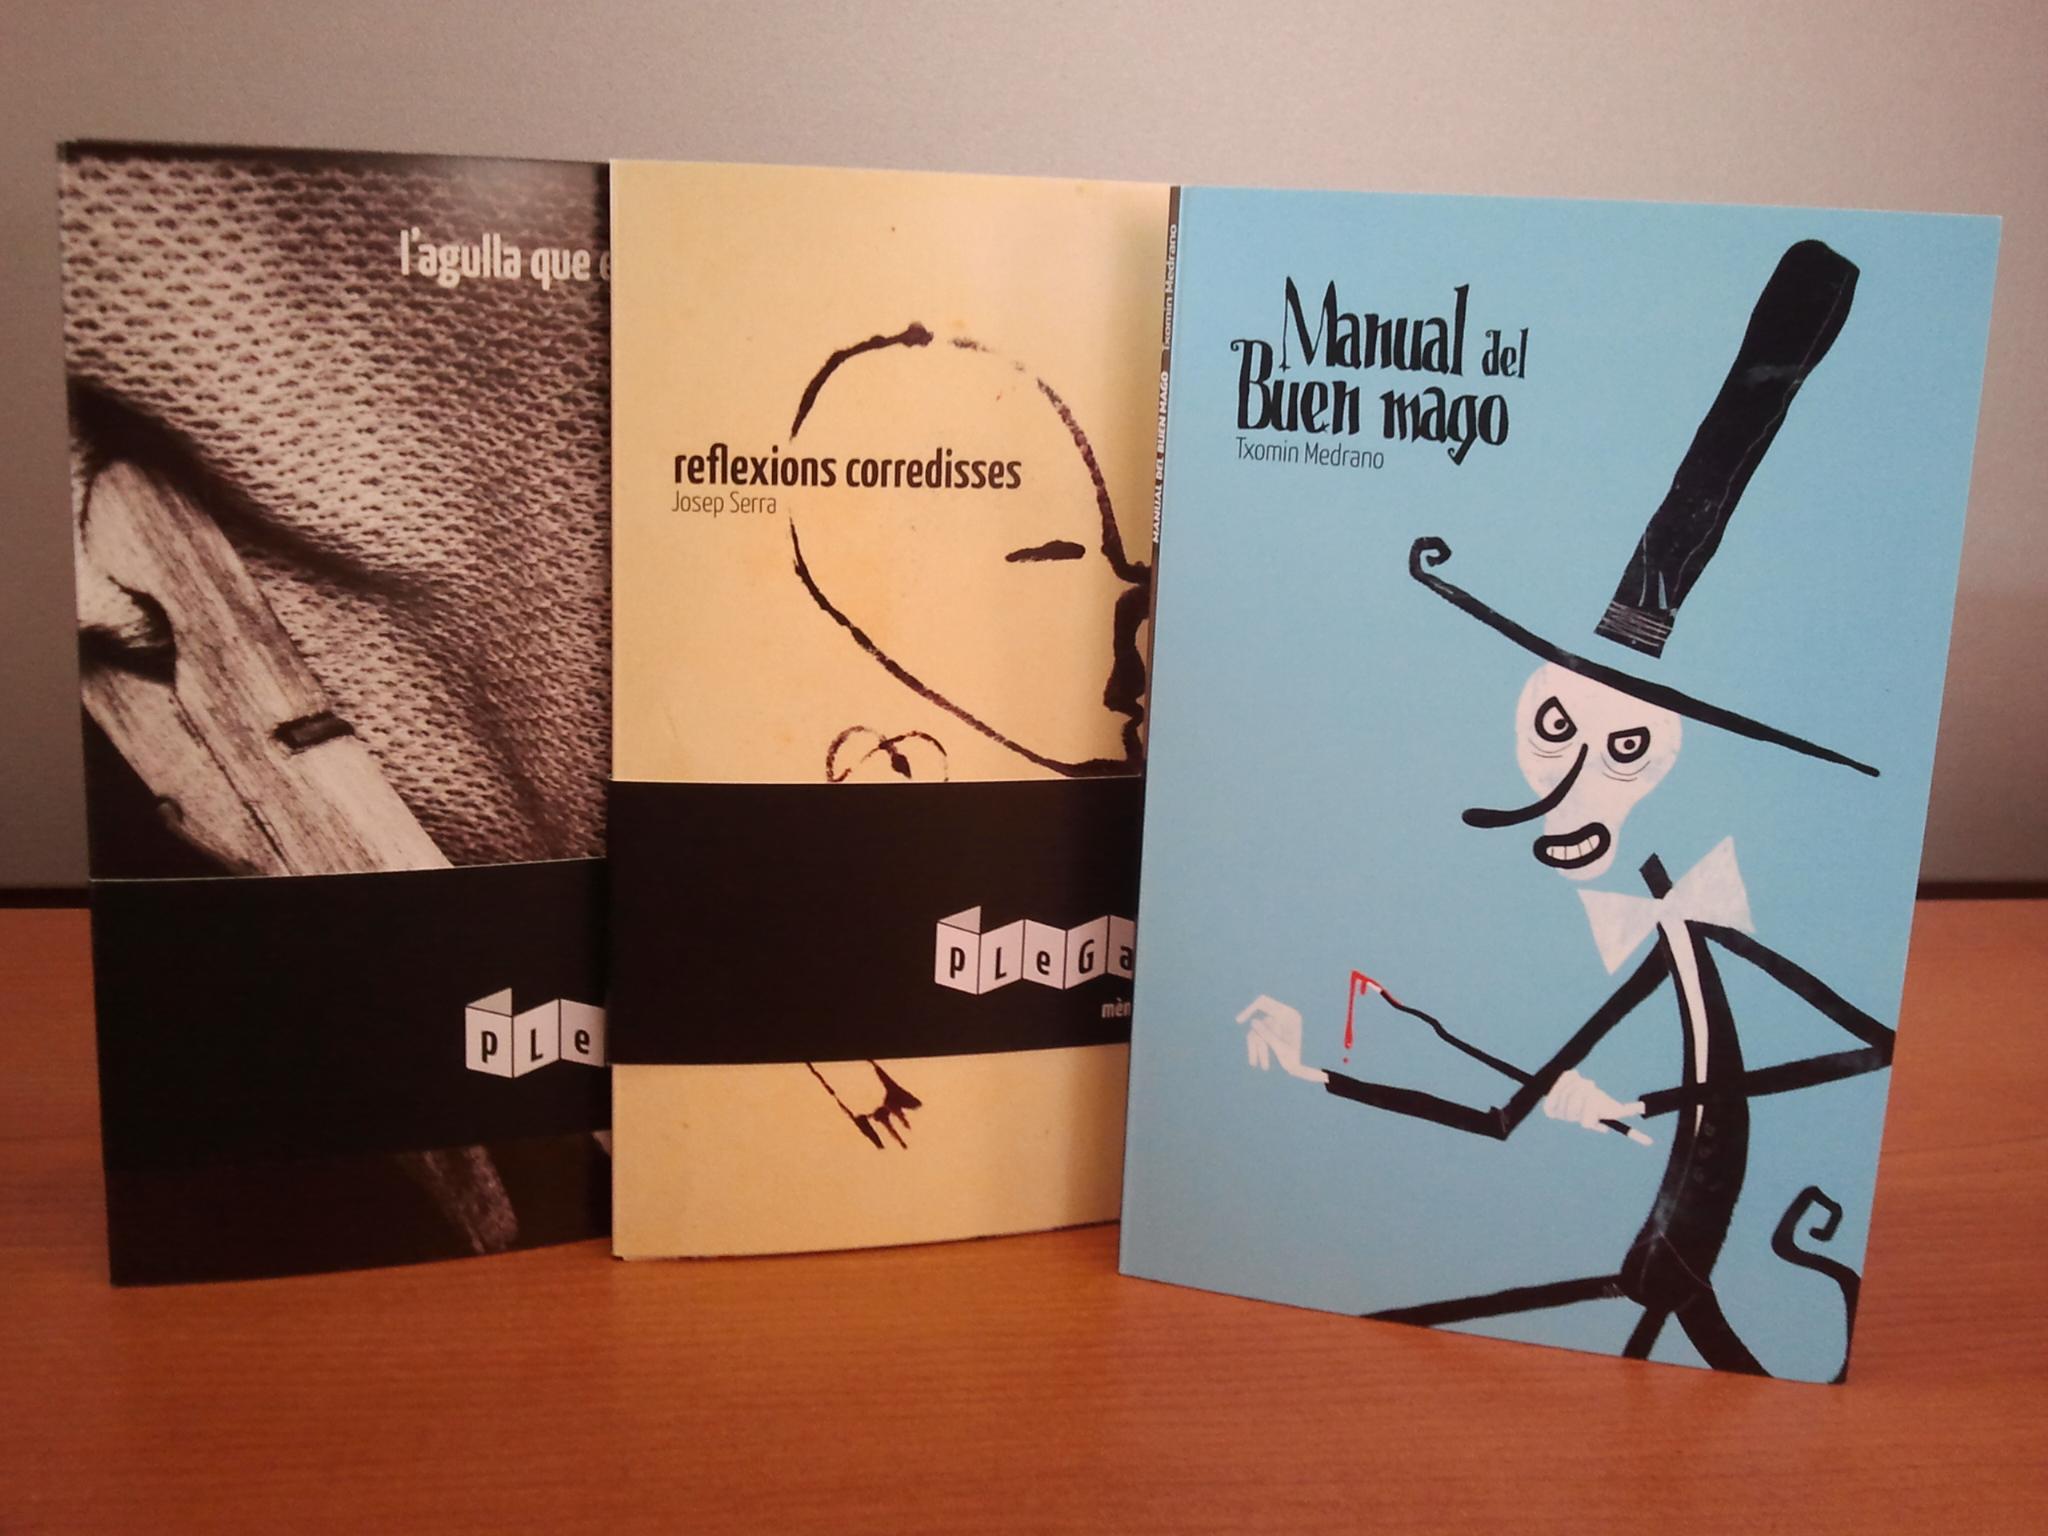 Portada dels tres primers llibrets editats dins de la col·lecció 'Plegats'